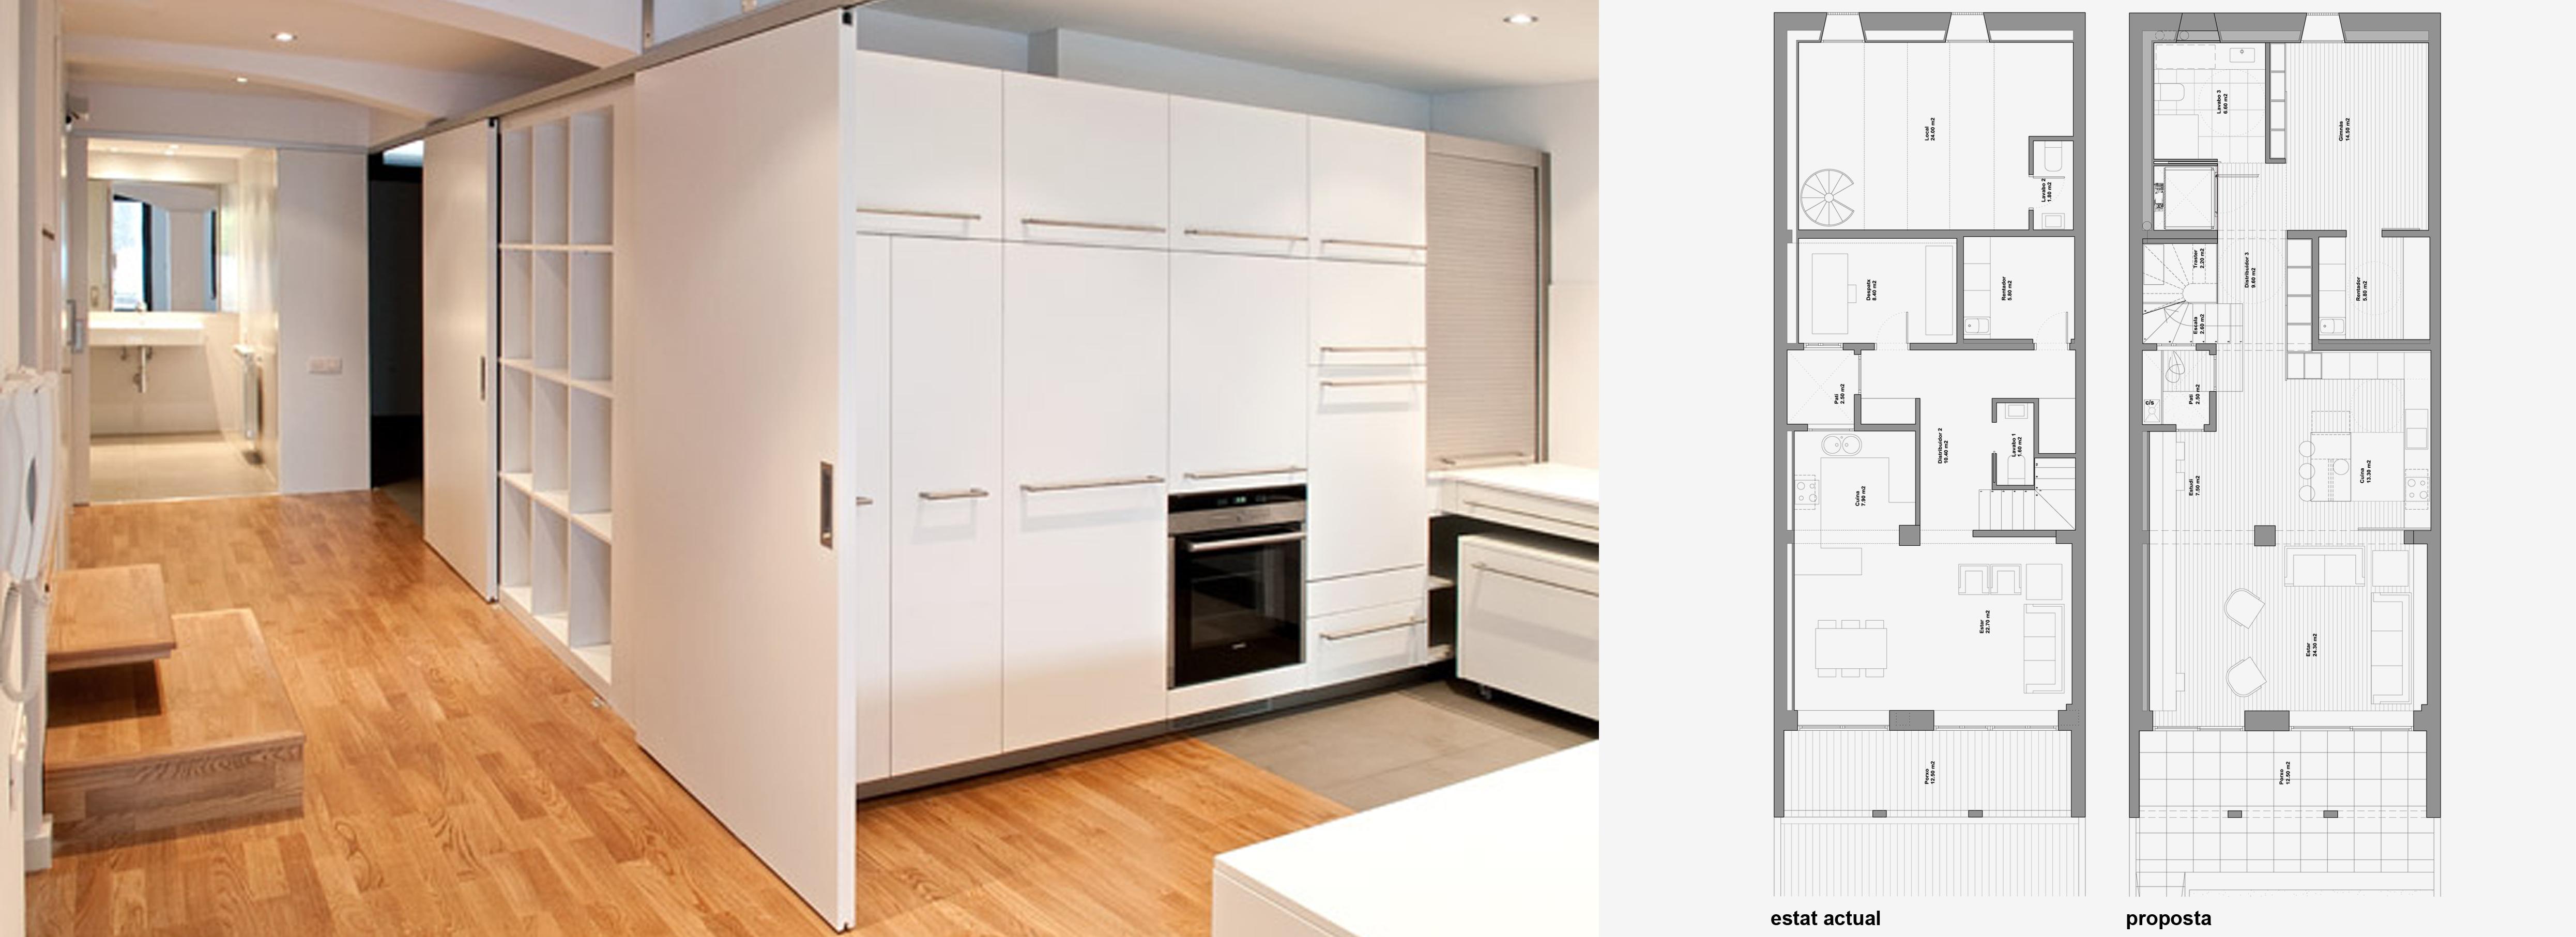 Reformar piso antiguo affordable reforma de una vivienda - Sillas antiguas baratas ...